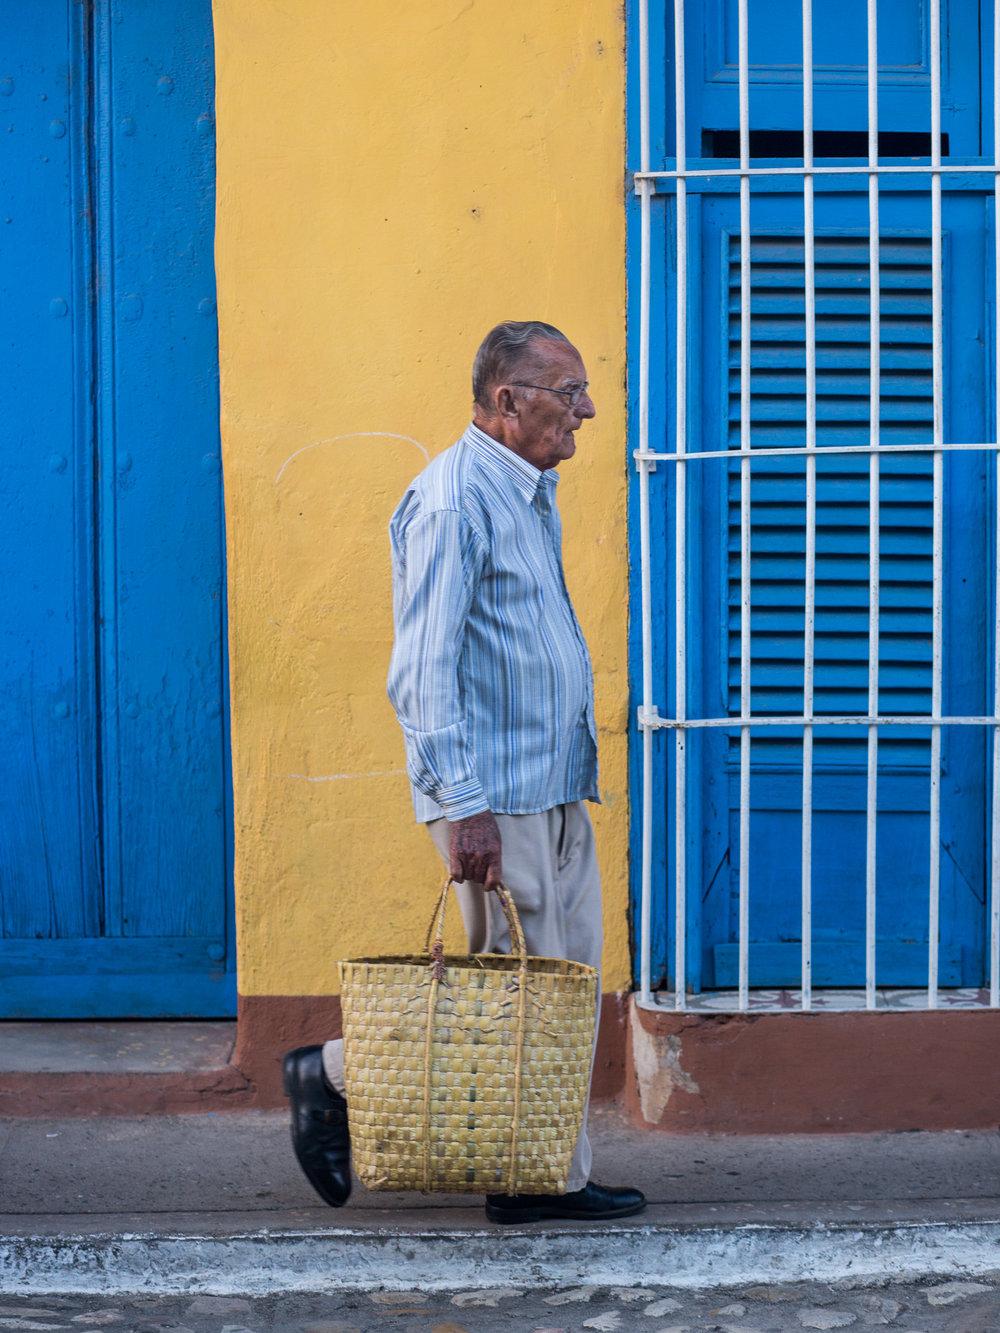 O Saillard Photographe - Cuba-047.jpg